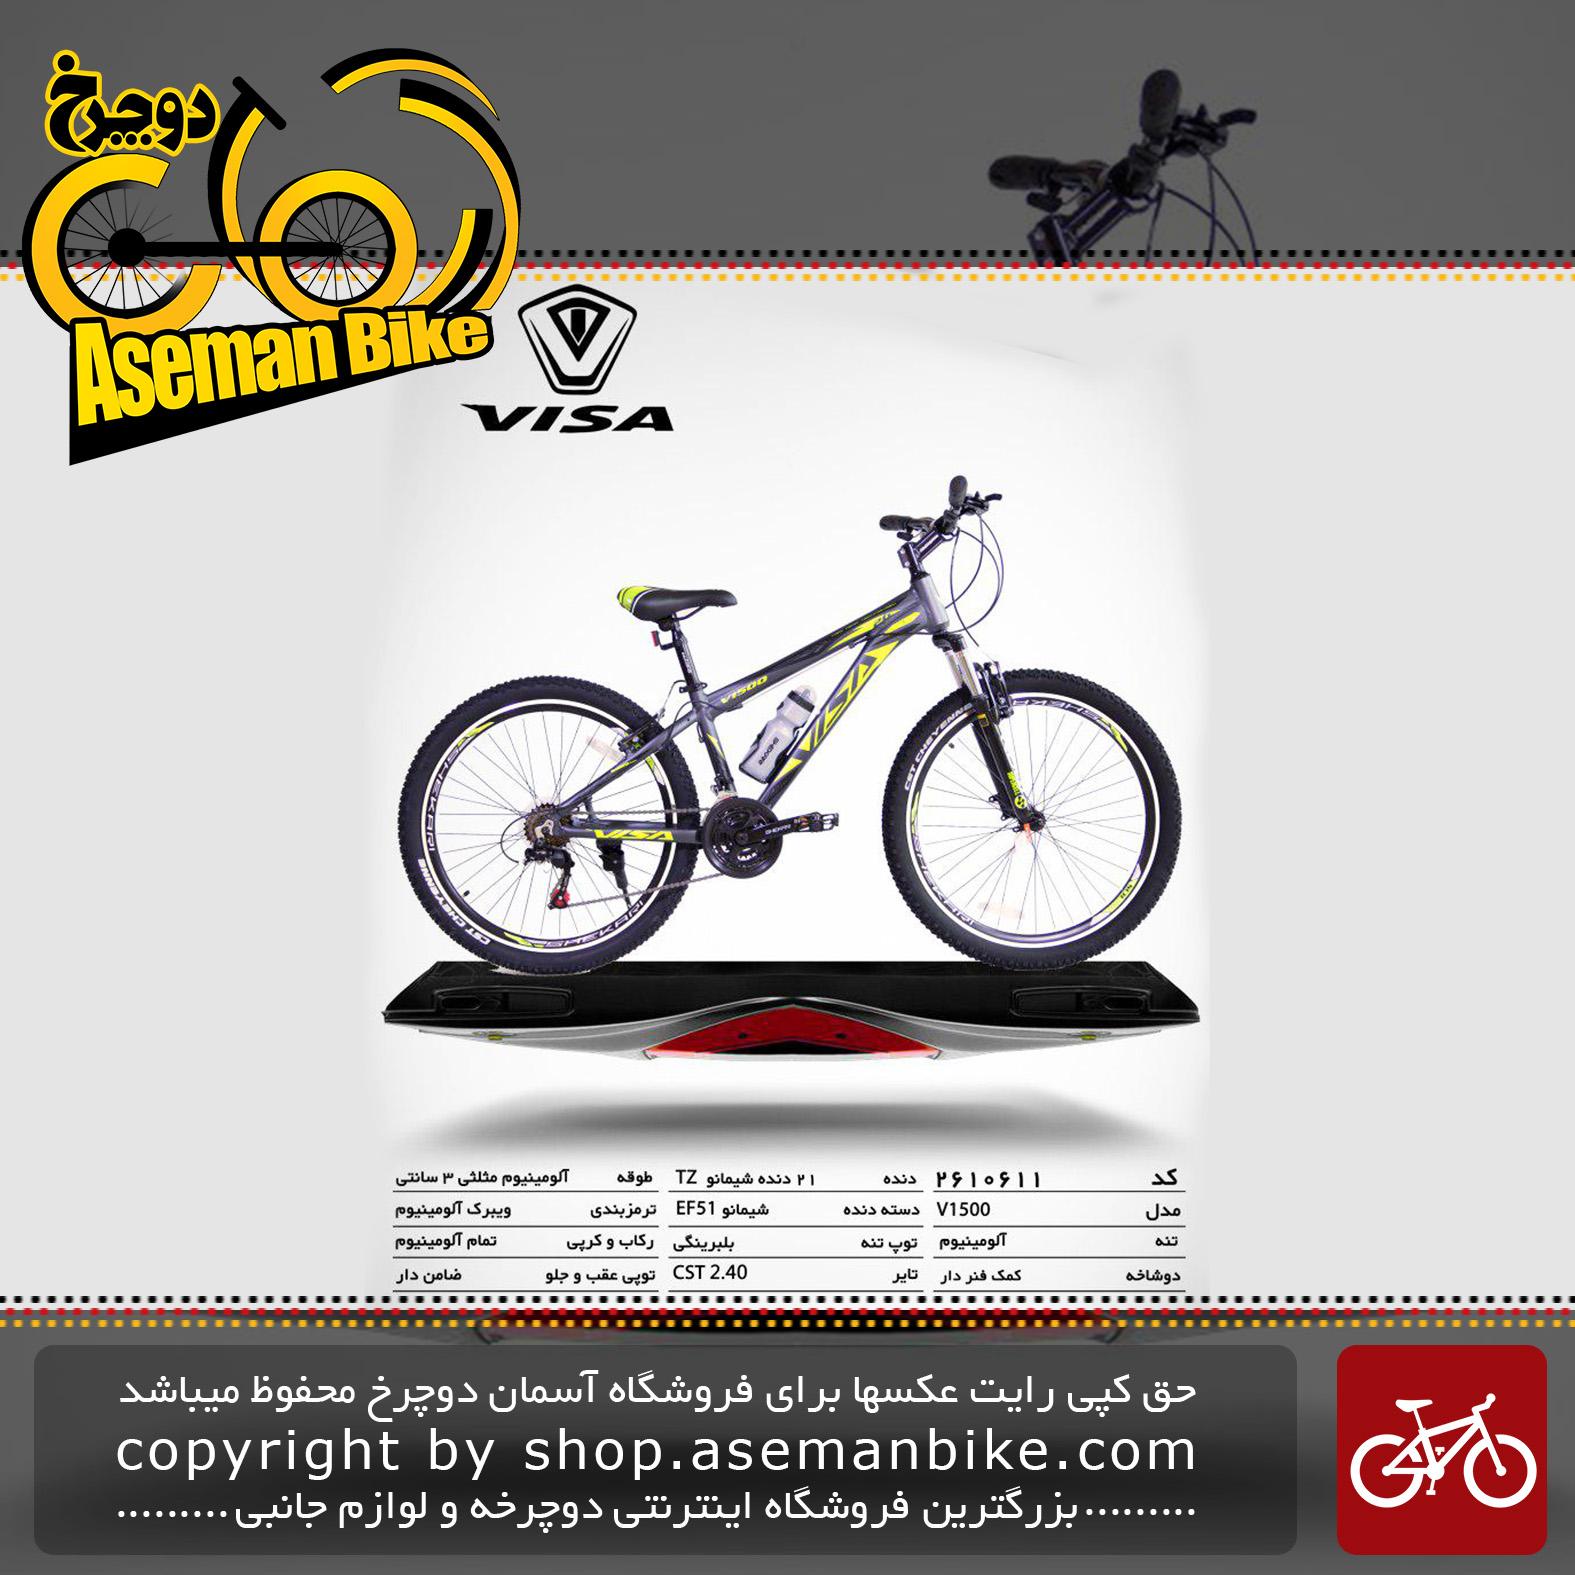 دوچرخه کوهستان ویزا21 دنده شیمانو تورنی تنه آلومینیوم سایز26مدل وی1500 visa bicycle 26 21 speed shimano tourney tz aluminum vb v1500 2019